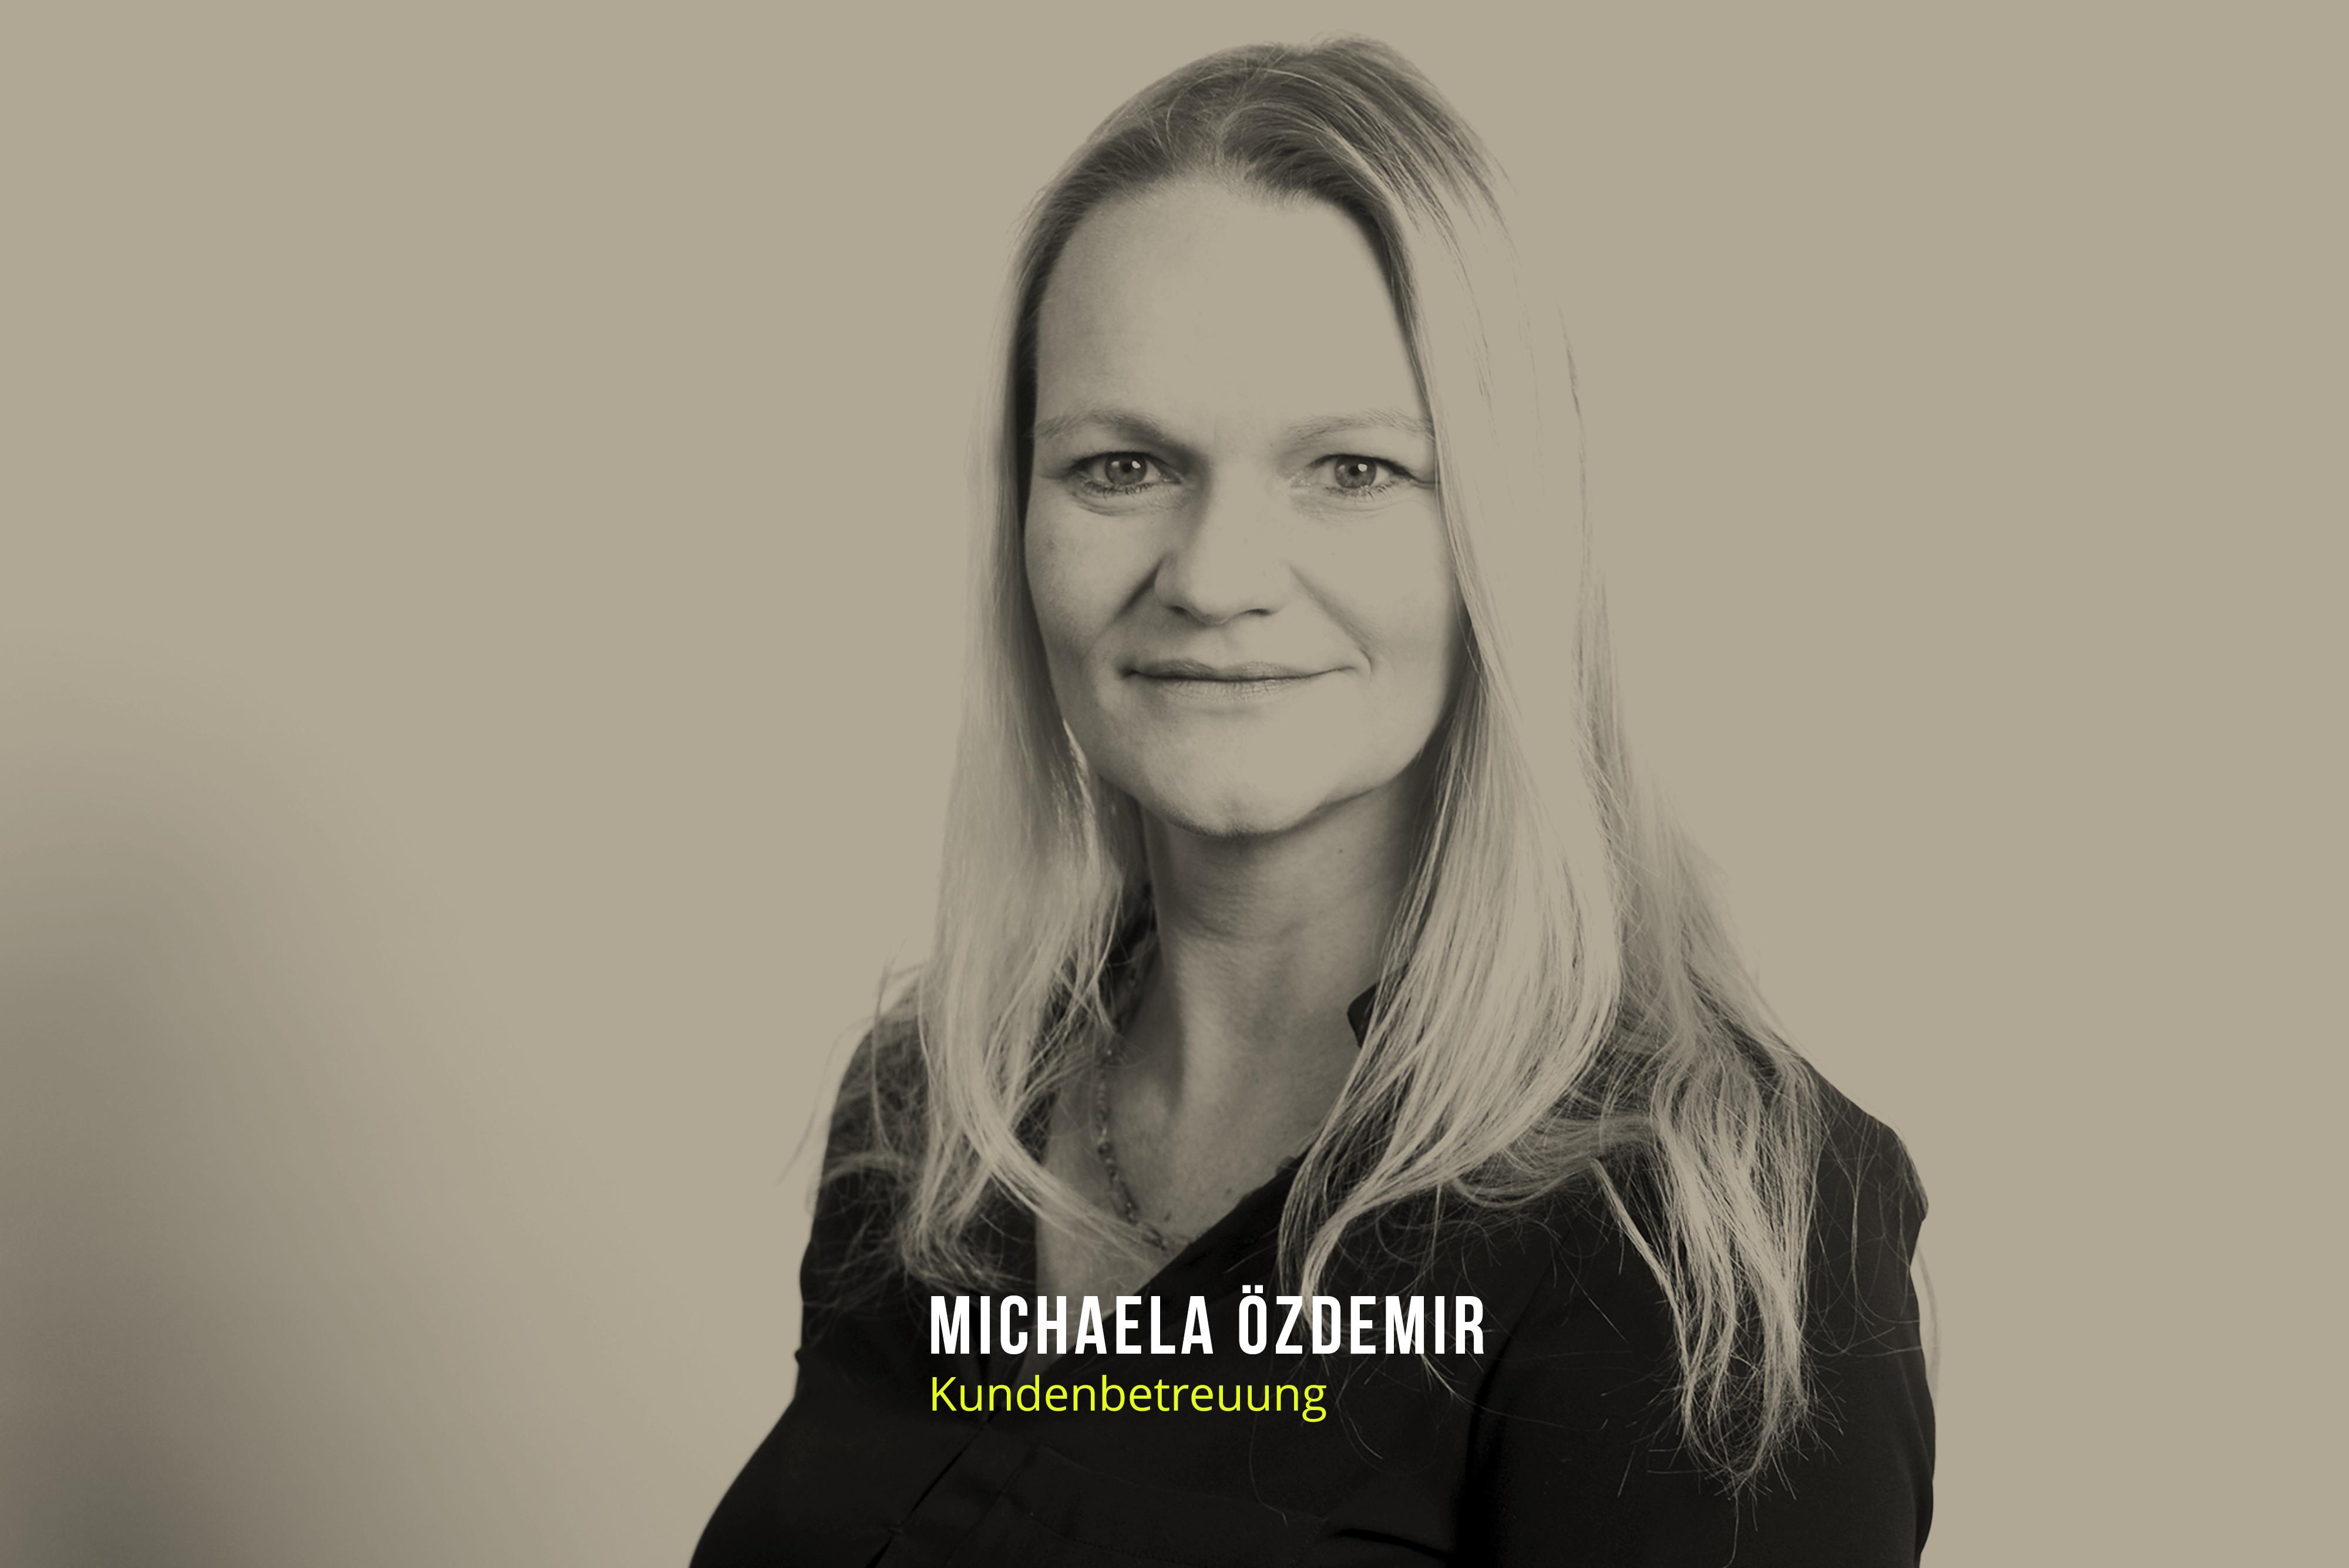 Michaela Özdemir Kundenbetreuung